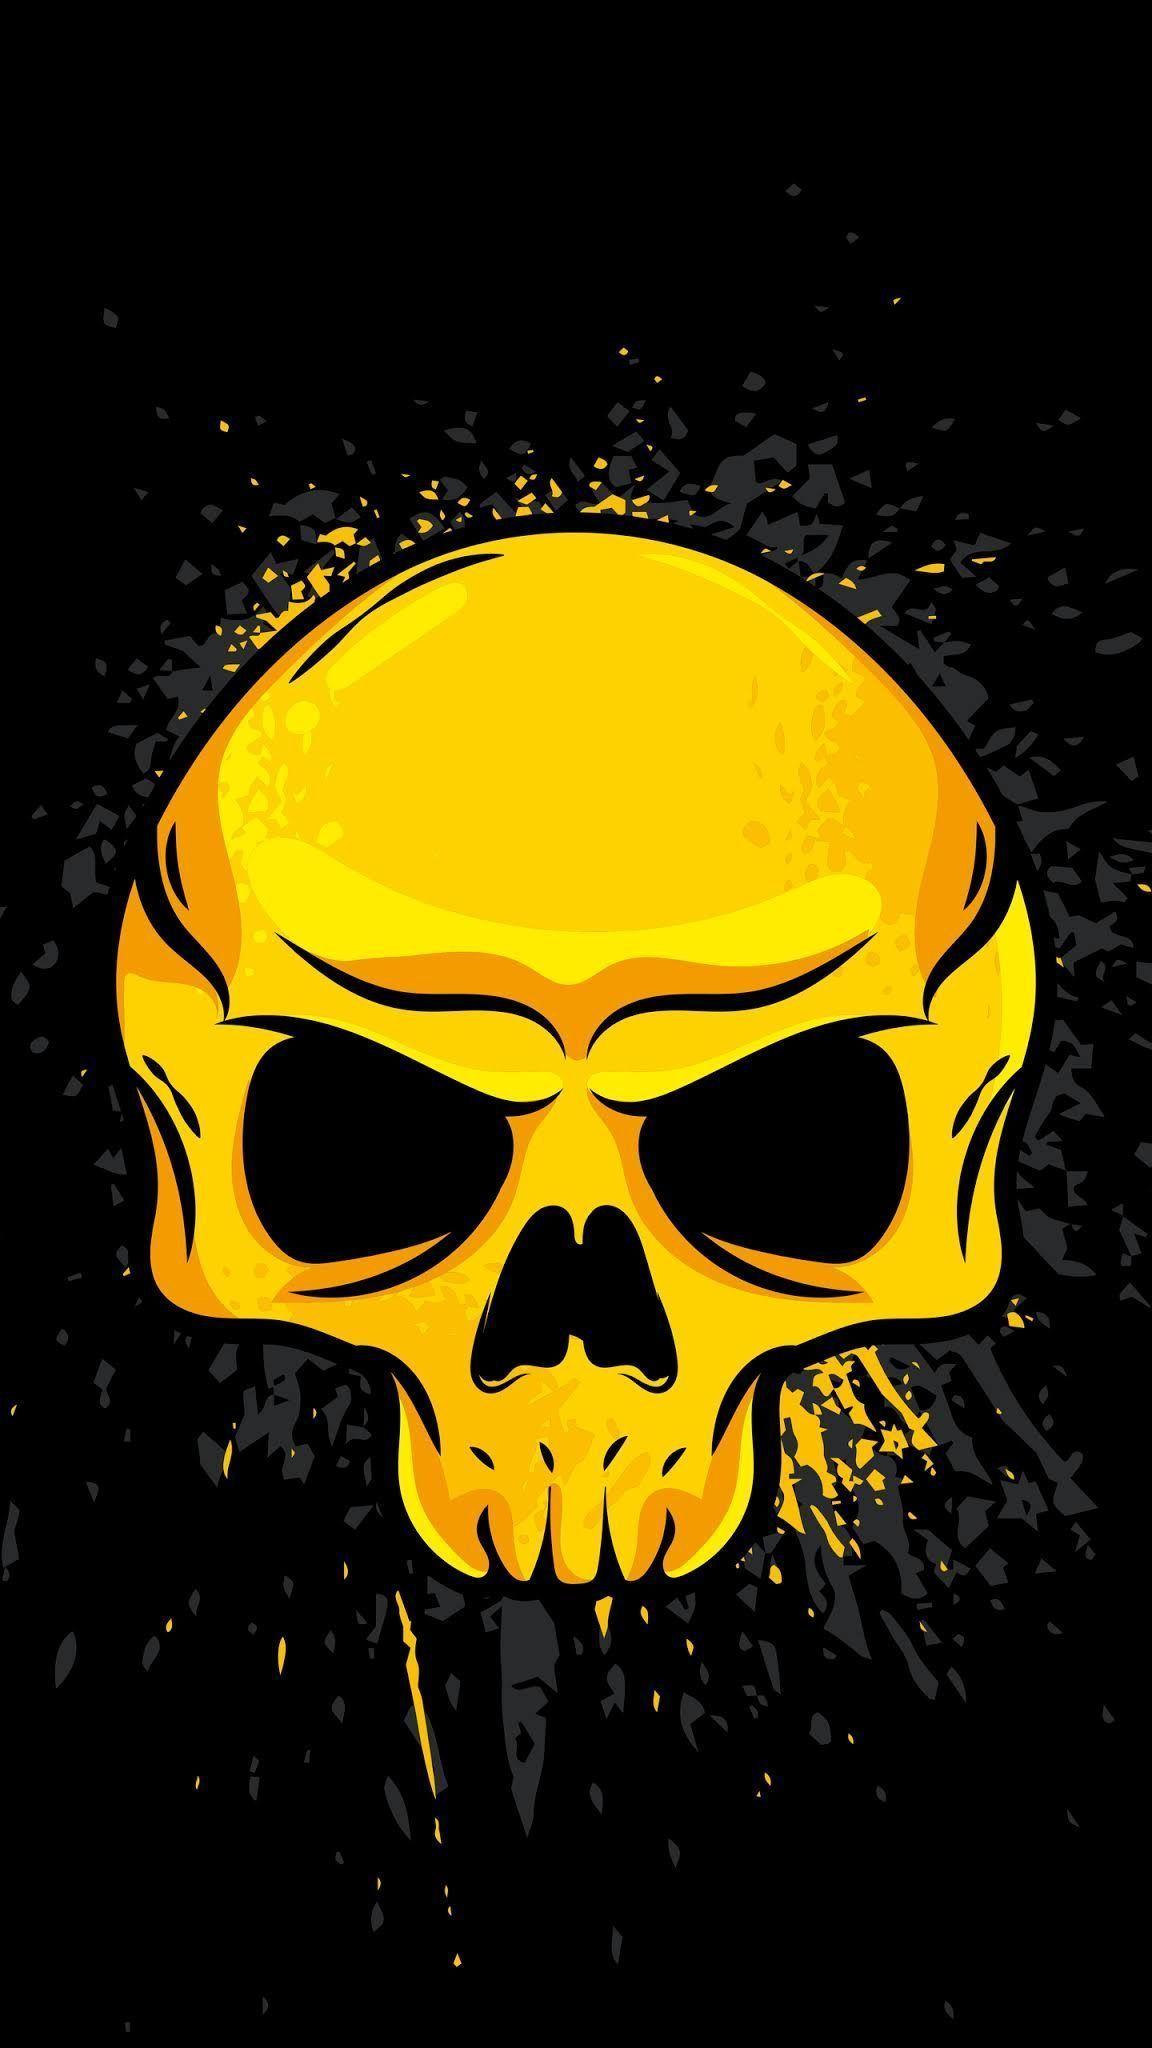 Gold Schadel Minimalist Wallpaper In 2020 Skull Wallpaper Iphone Skull Wallpaper Graffiti Wallpaper Iphone